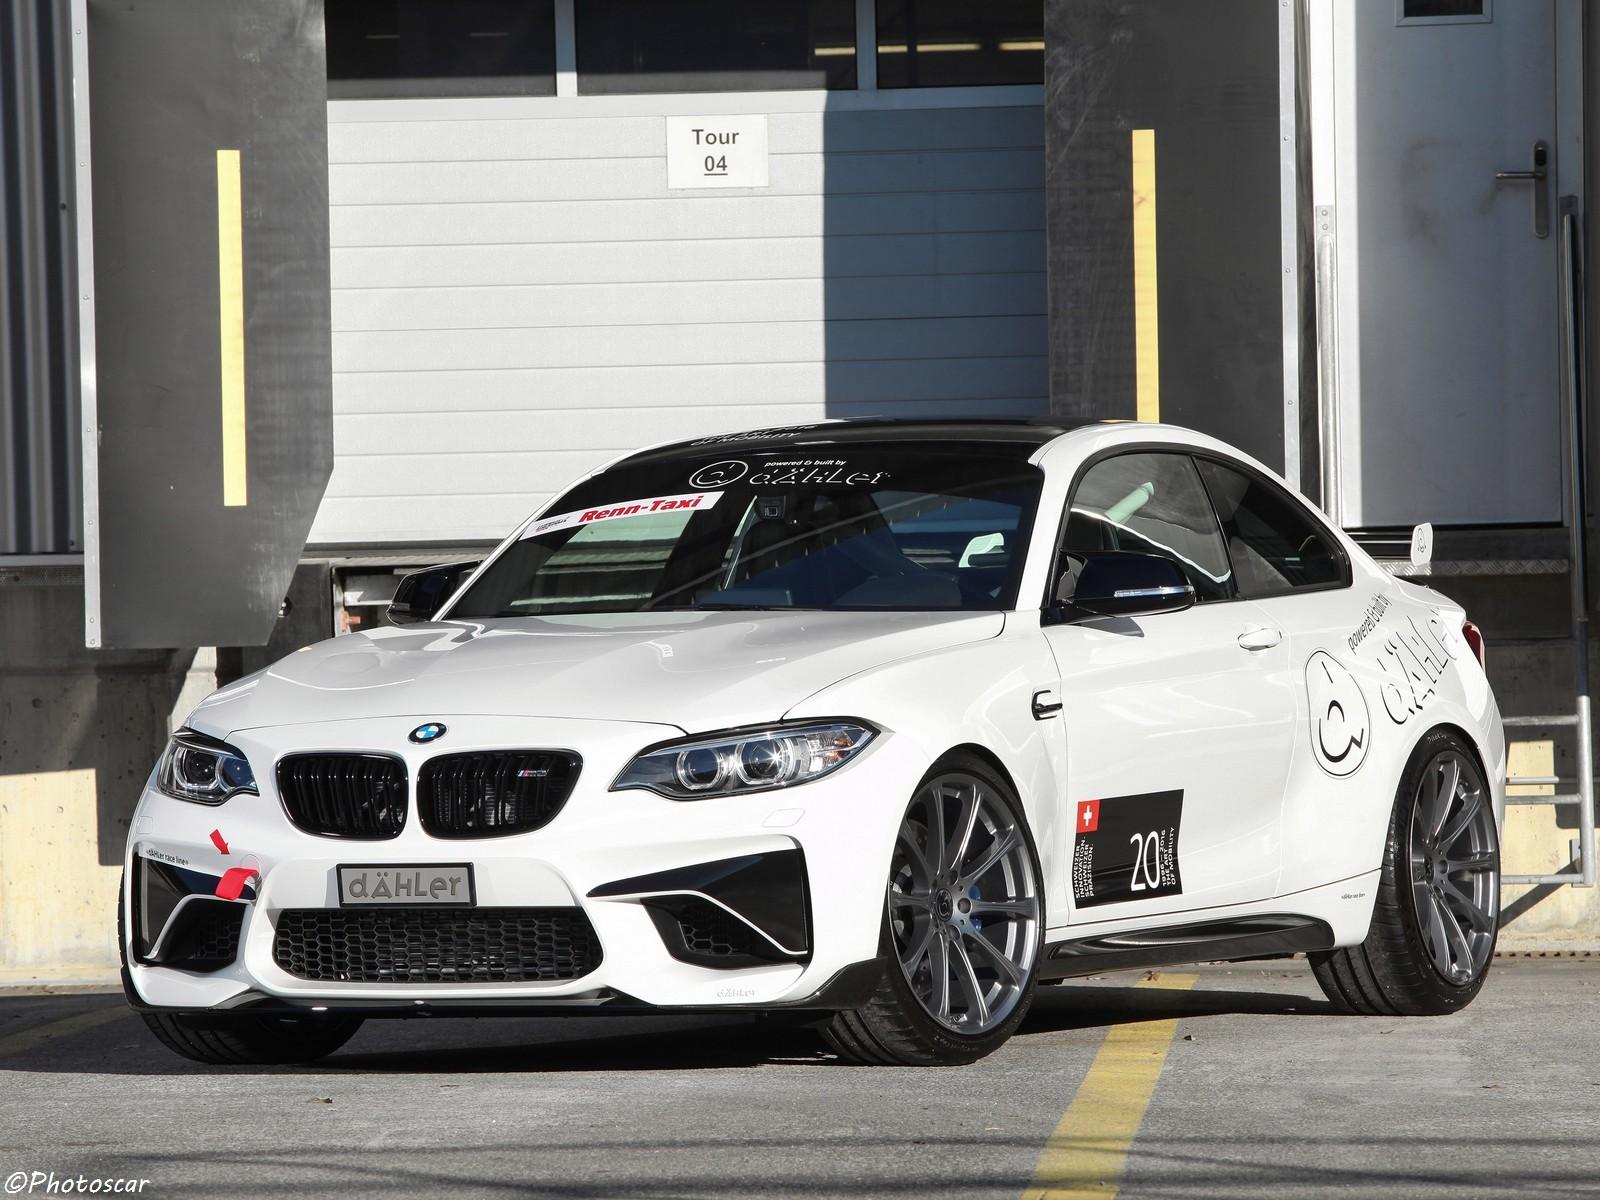 dAHler BMW M2 Cabriolet 2017 – Une sorte d'œuvre d'art sans pareil.